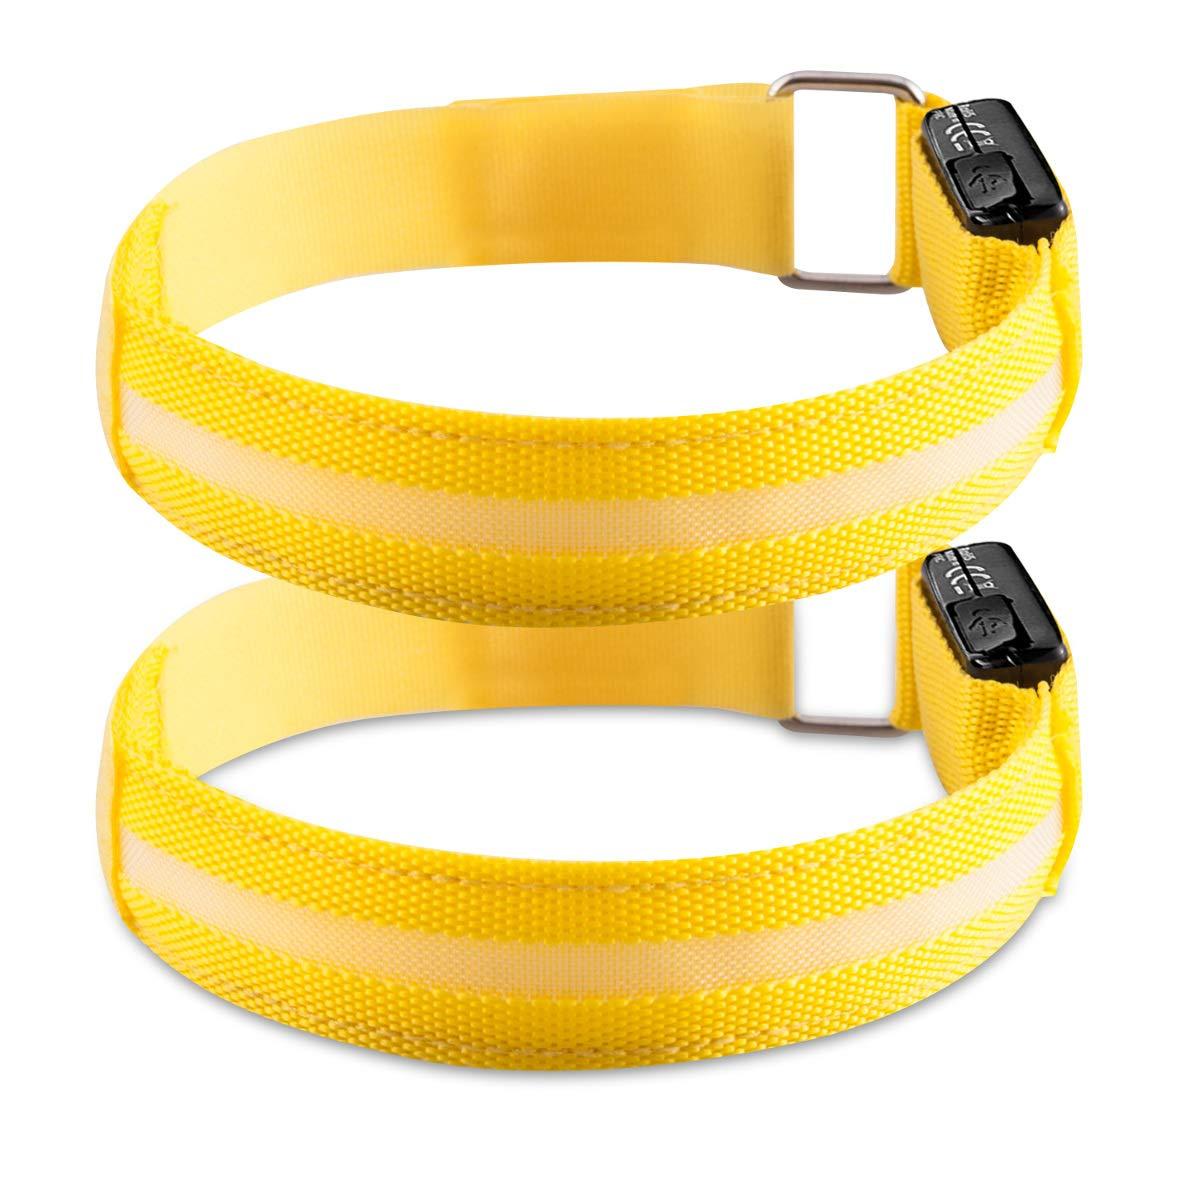 Fascetta Luminosa Cavo USB 2X Bracciale Sicurezza Alta visibilit/à Sport Corsa Bici Cinturino Giallo kwmobile Fascia da Braccio LED Ricaricabile